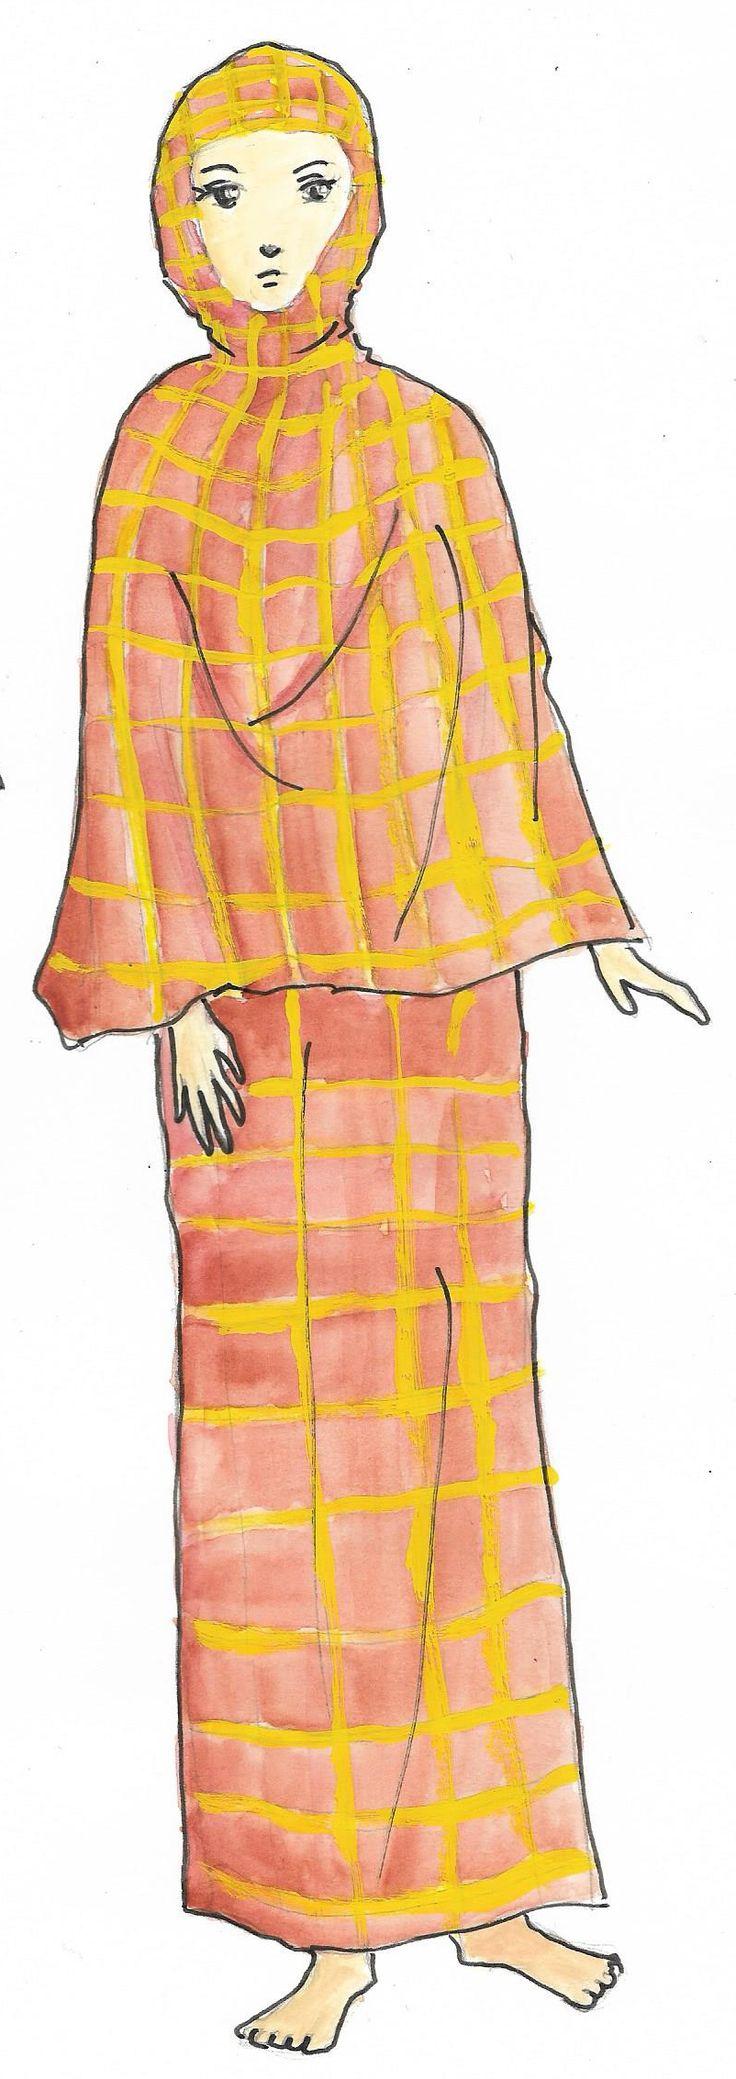 Pakaian wanita suku Bima menggunakan pakaian bernama rimpu. Rimpu merupakan 2 lembar sarung tenun. Sarung yang pertama digunakan untuk menutup tubuh bagian bawah dan sarung lainnya untuk menutup tubuh bagian atas mulai dari kepala.